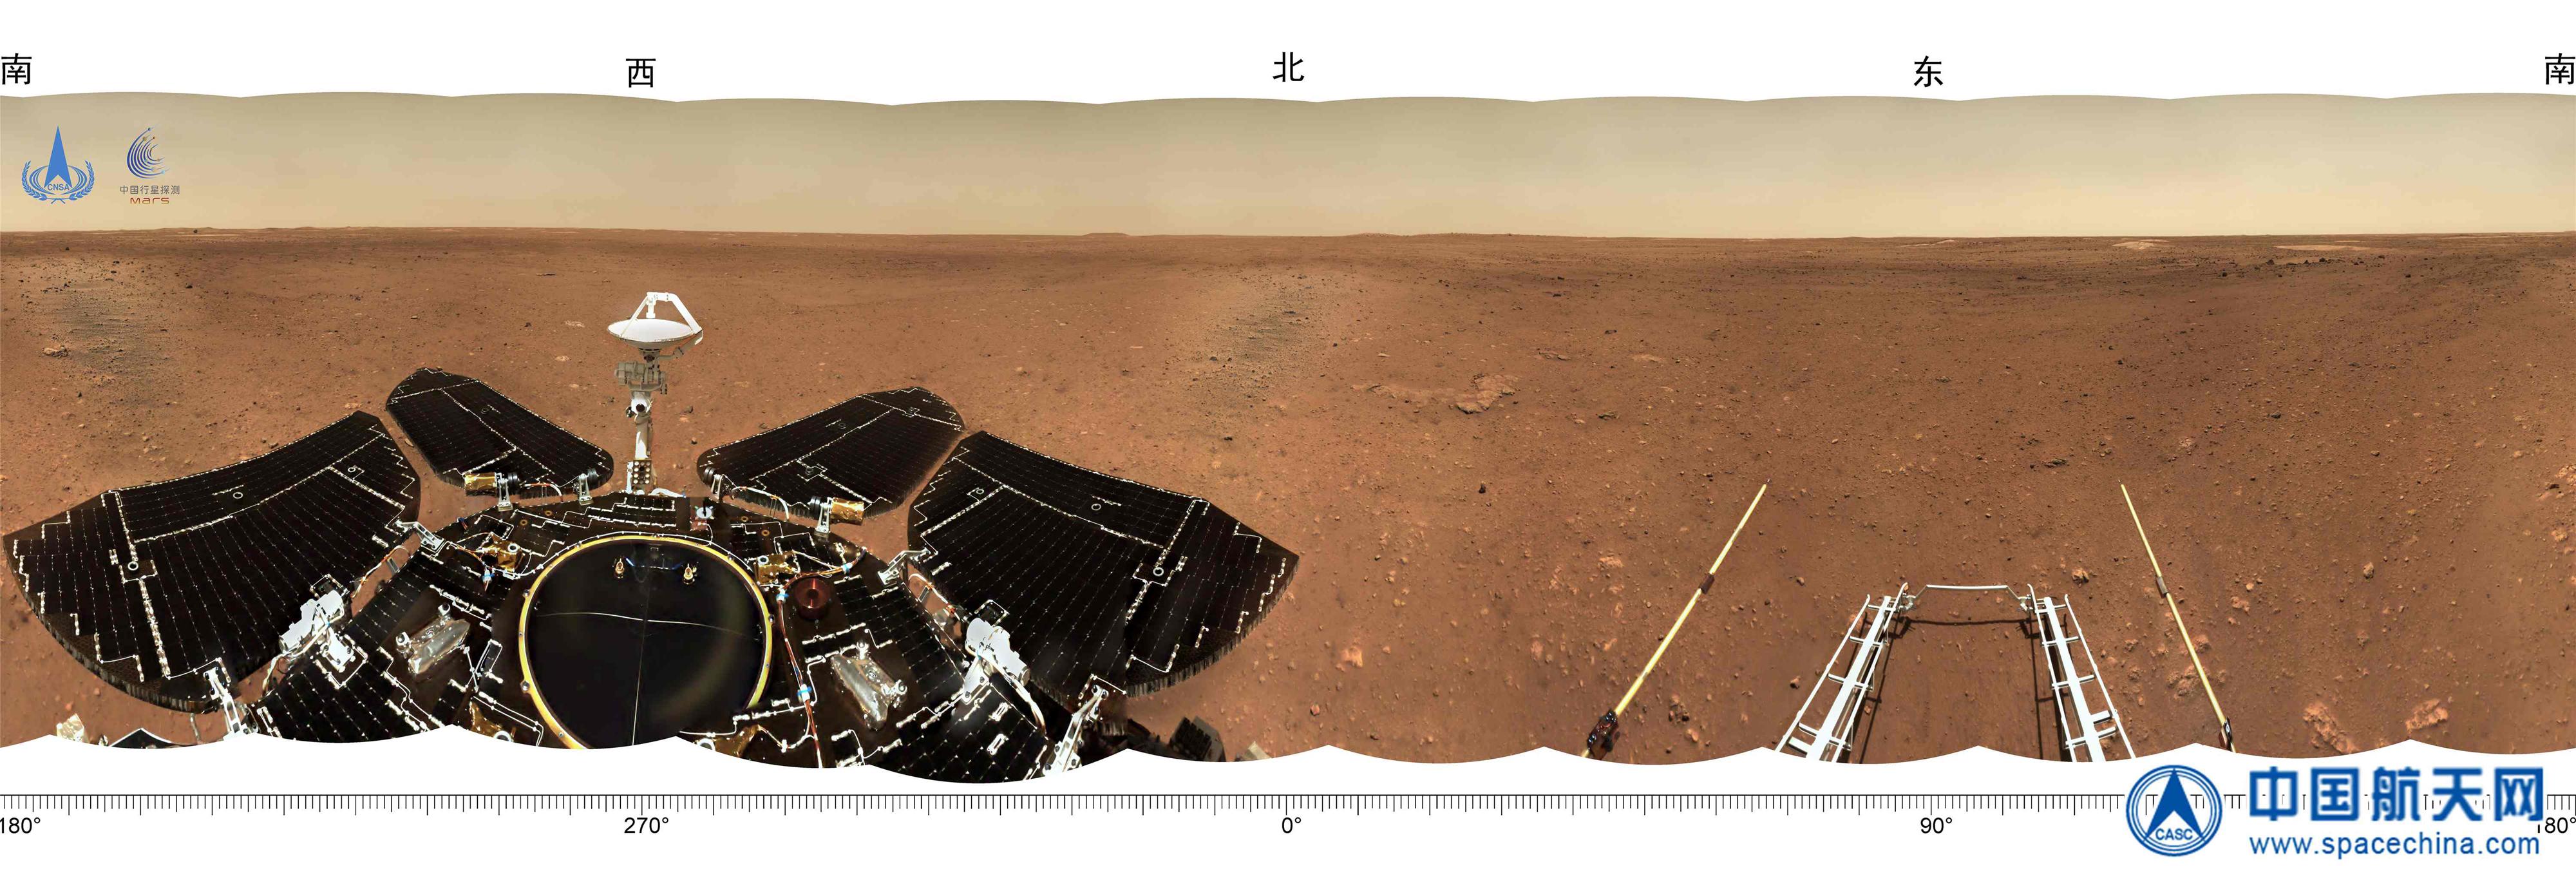 Ce panorama du rover chinois Zhurong montre la vaste plaine plate de son site d'atterrissage Utopia Planitia.  Les panneaux solaires et le pont du rover sont visibles à gauche et les rampes de roues de son atterrisseur sont visibles à droite.